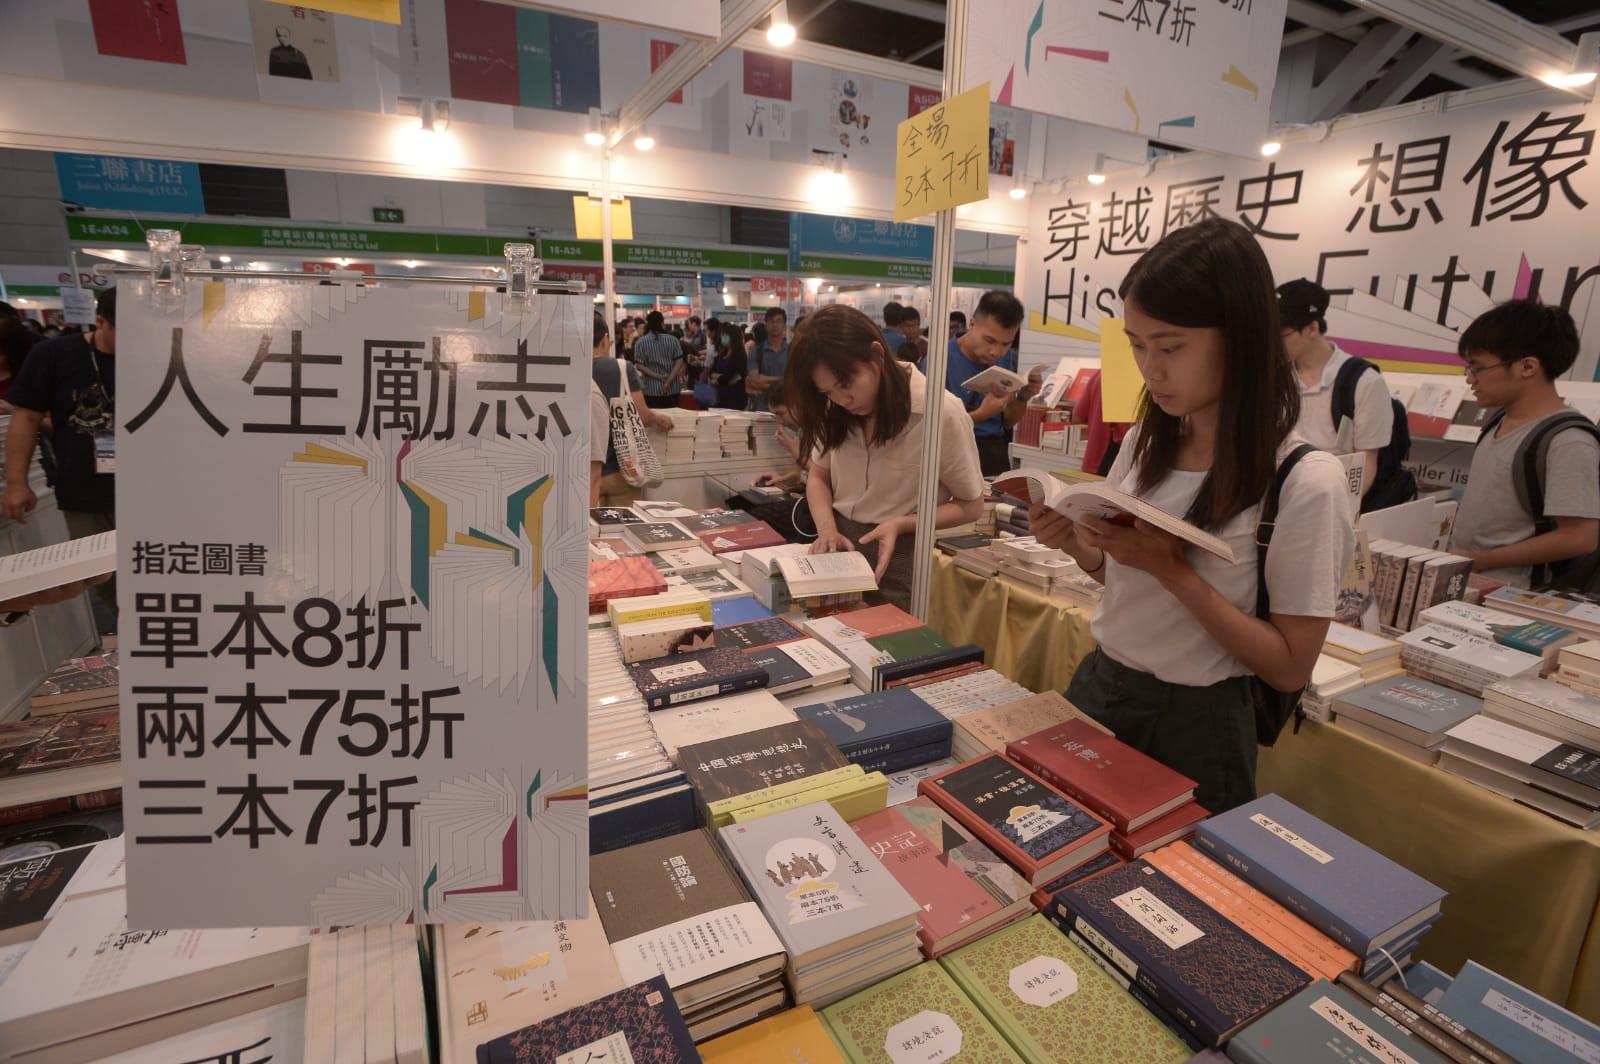 書展今日閉幕,有書商開始減價促銷。